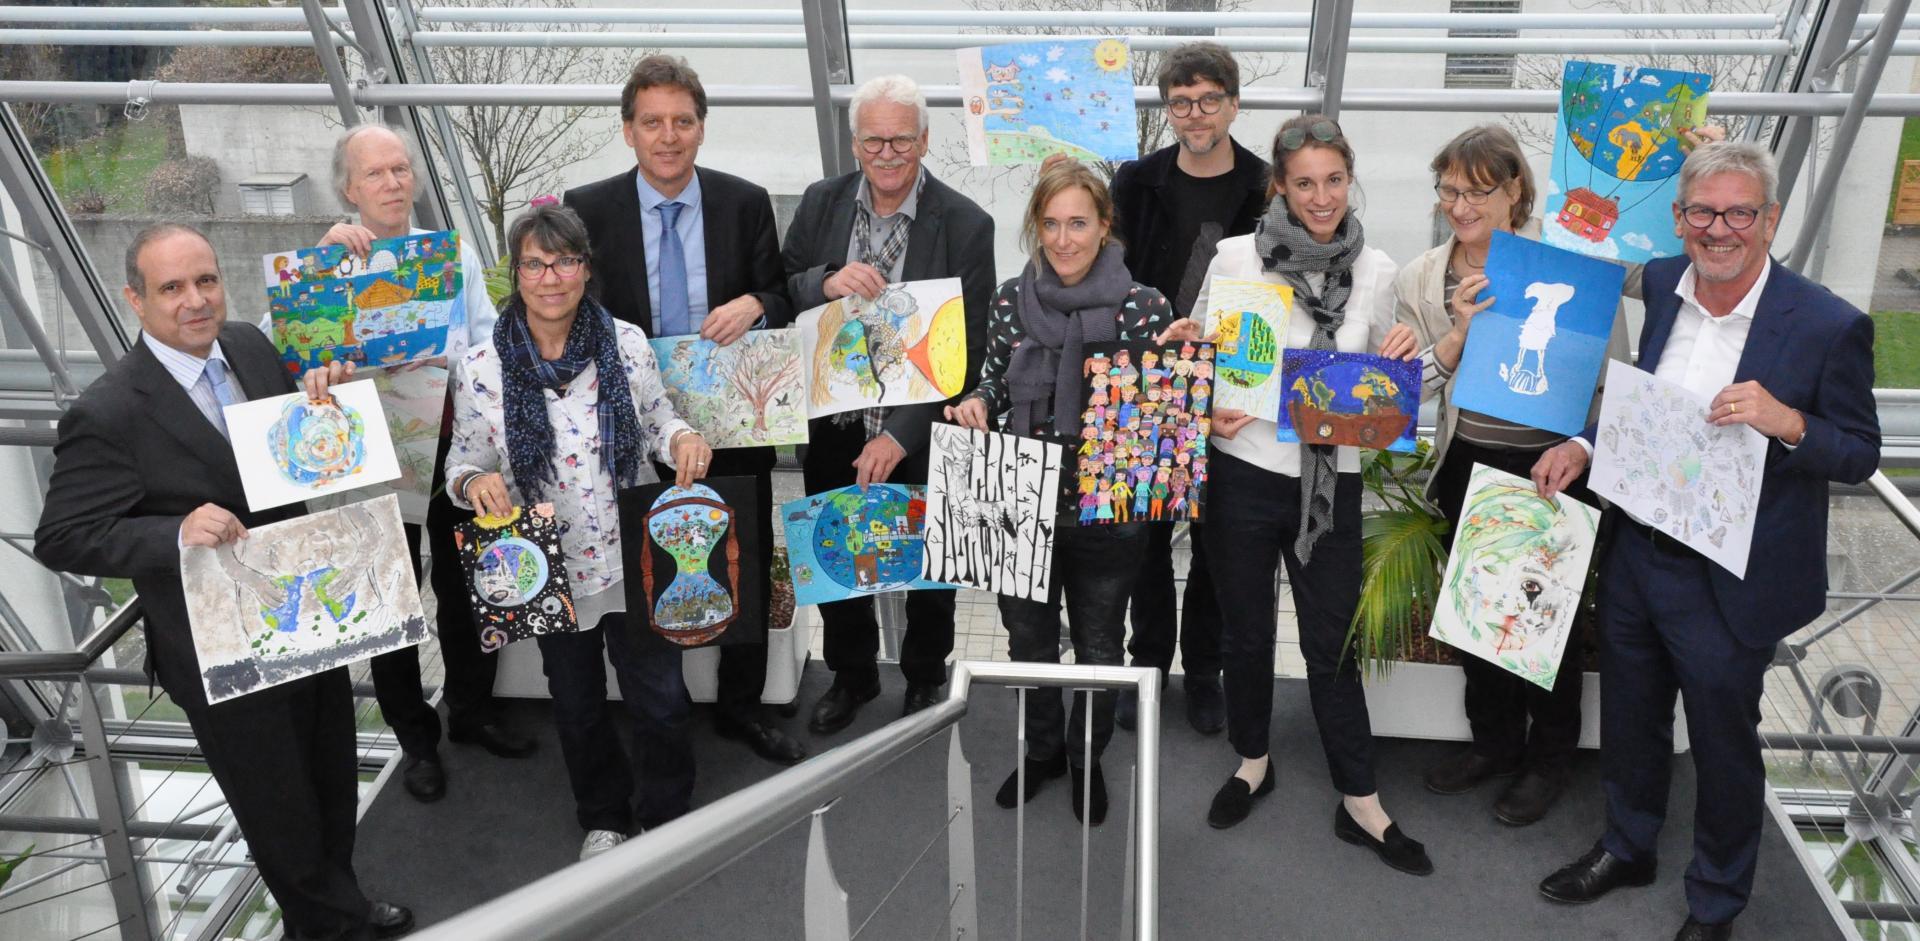 Jury, Thema Die Welt – hier bin ich zuhause, Umwelt-Zeichnungswettbewerb 2018